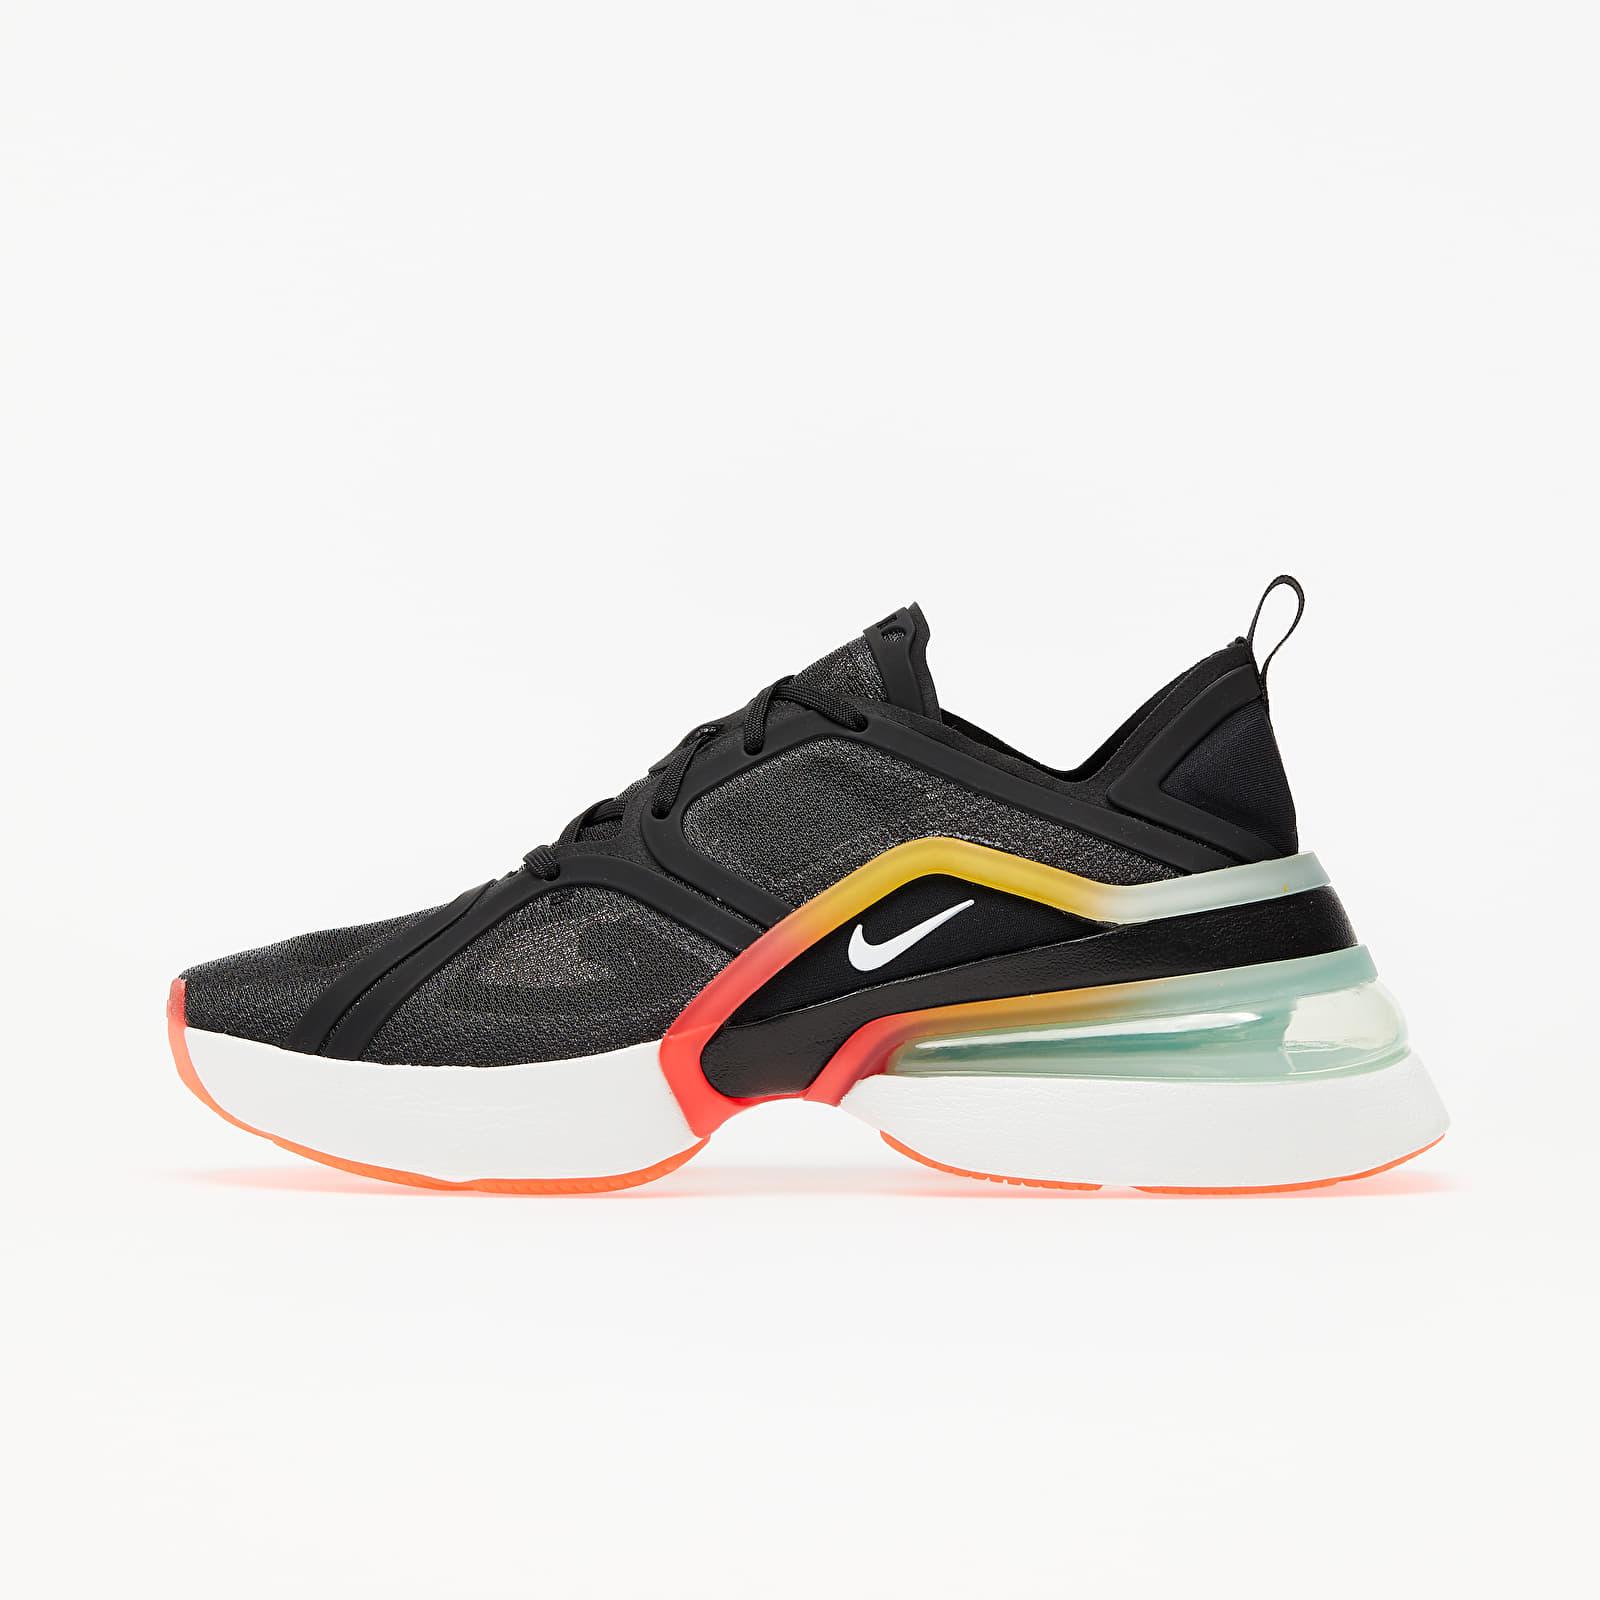 Dámské tenisky a boty Nike W Air Max 270 XX Black/ White-Bright Crimson